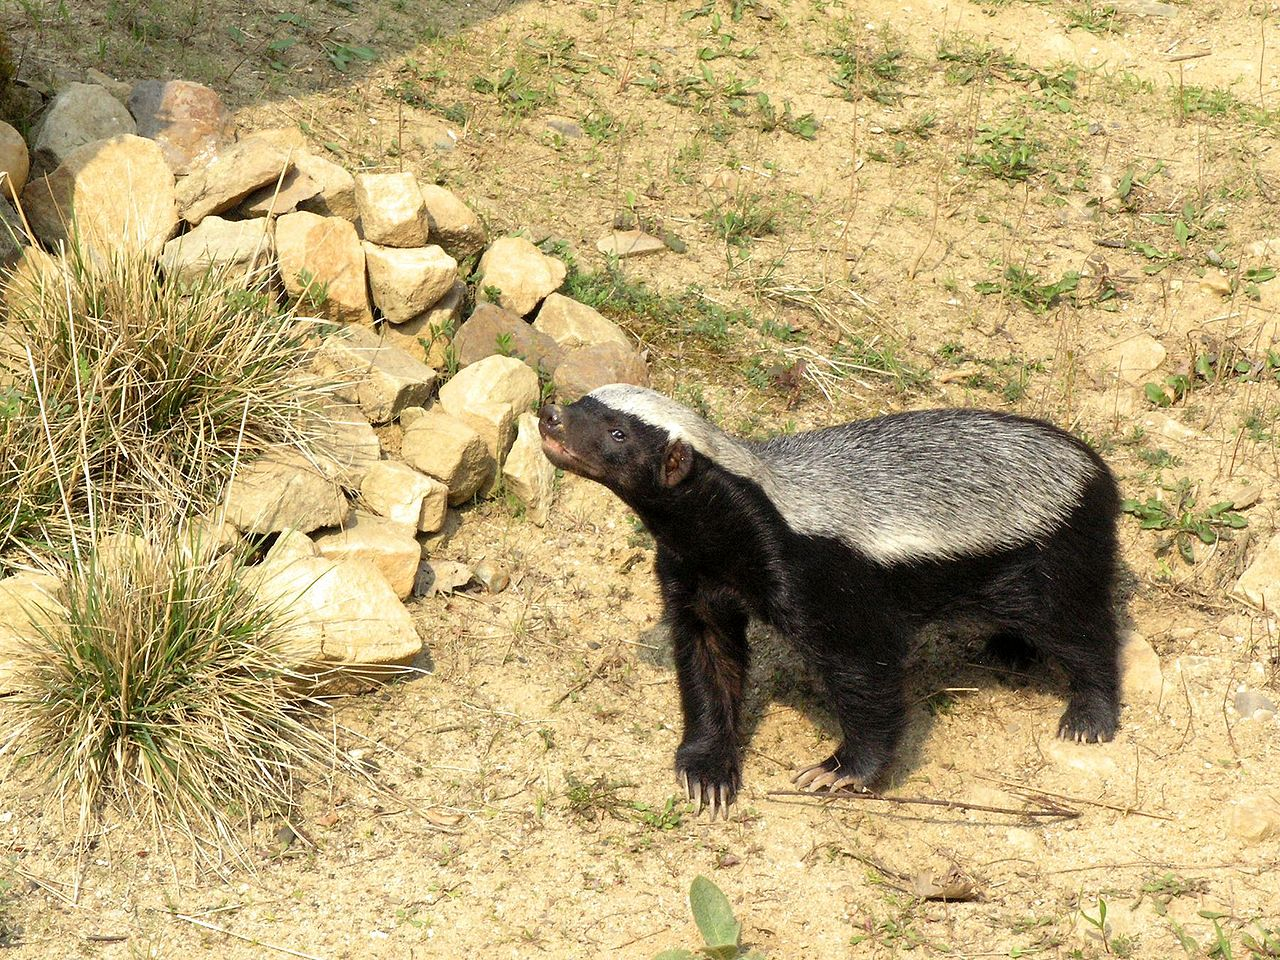 honey-badger-hissing